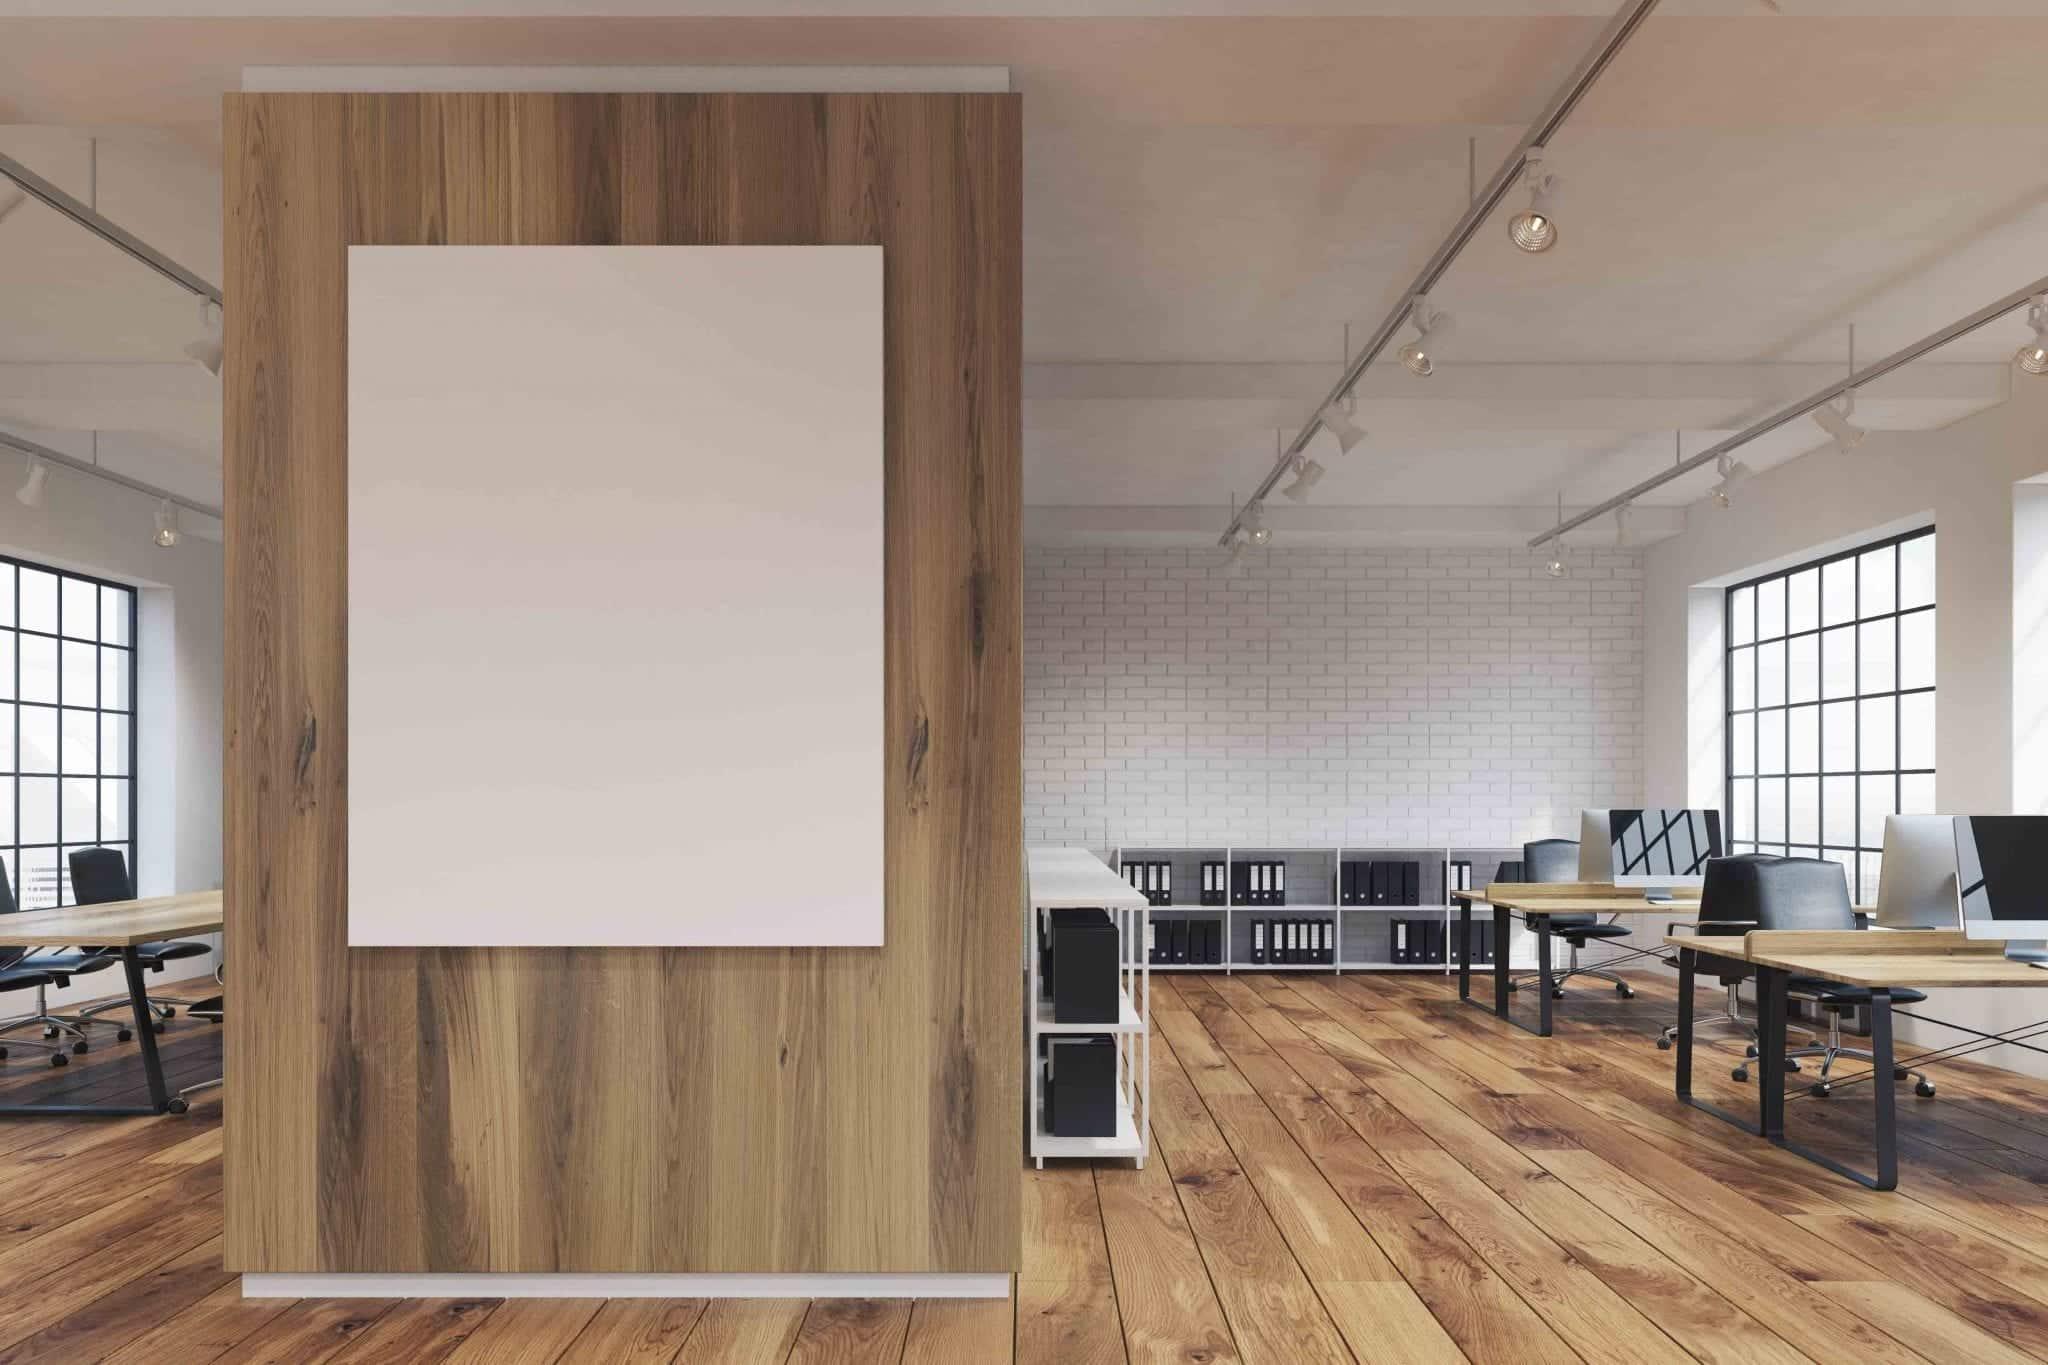 Cloison paravent en bois flotté pour espaces de travail